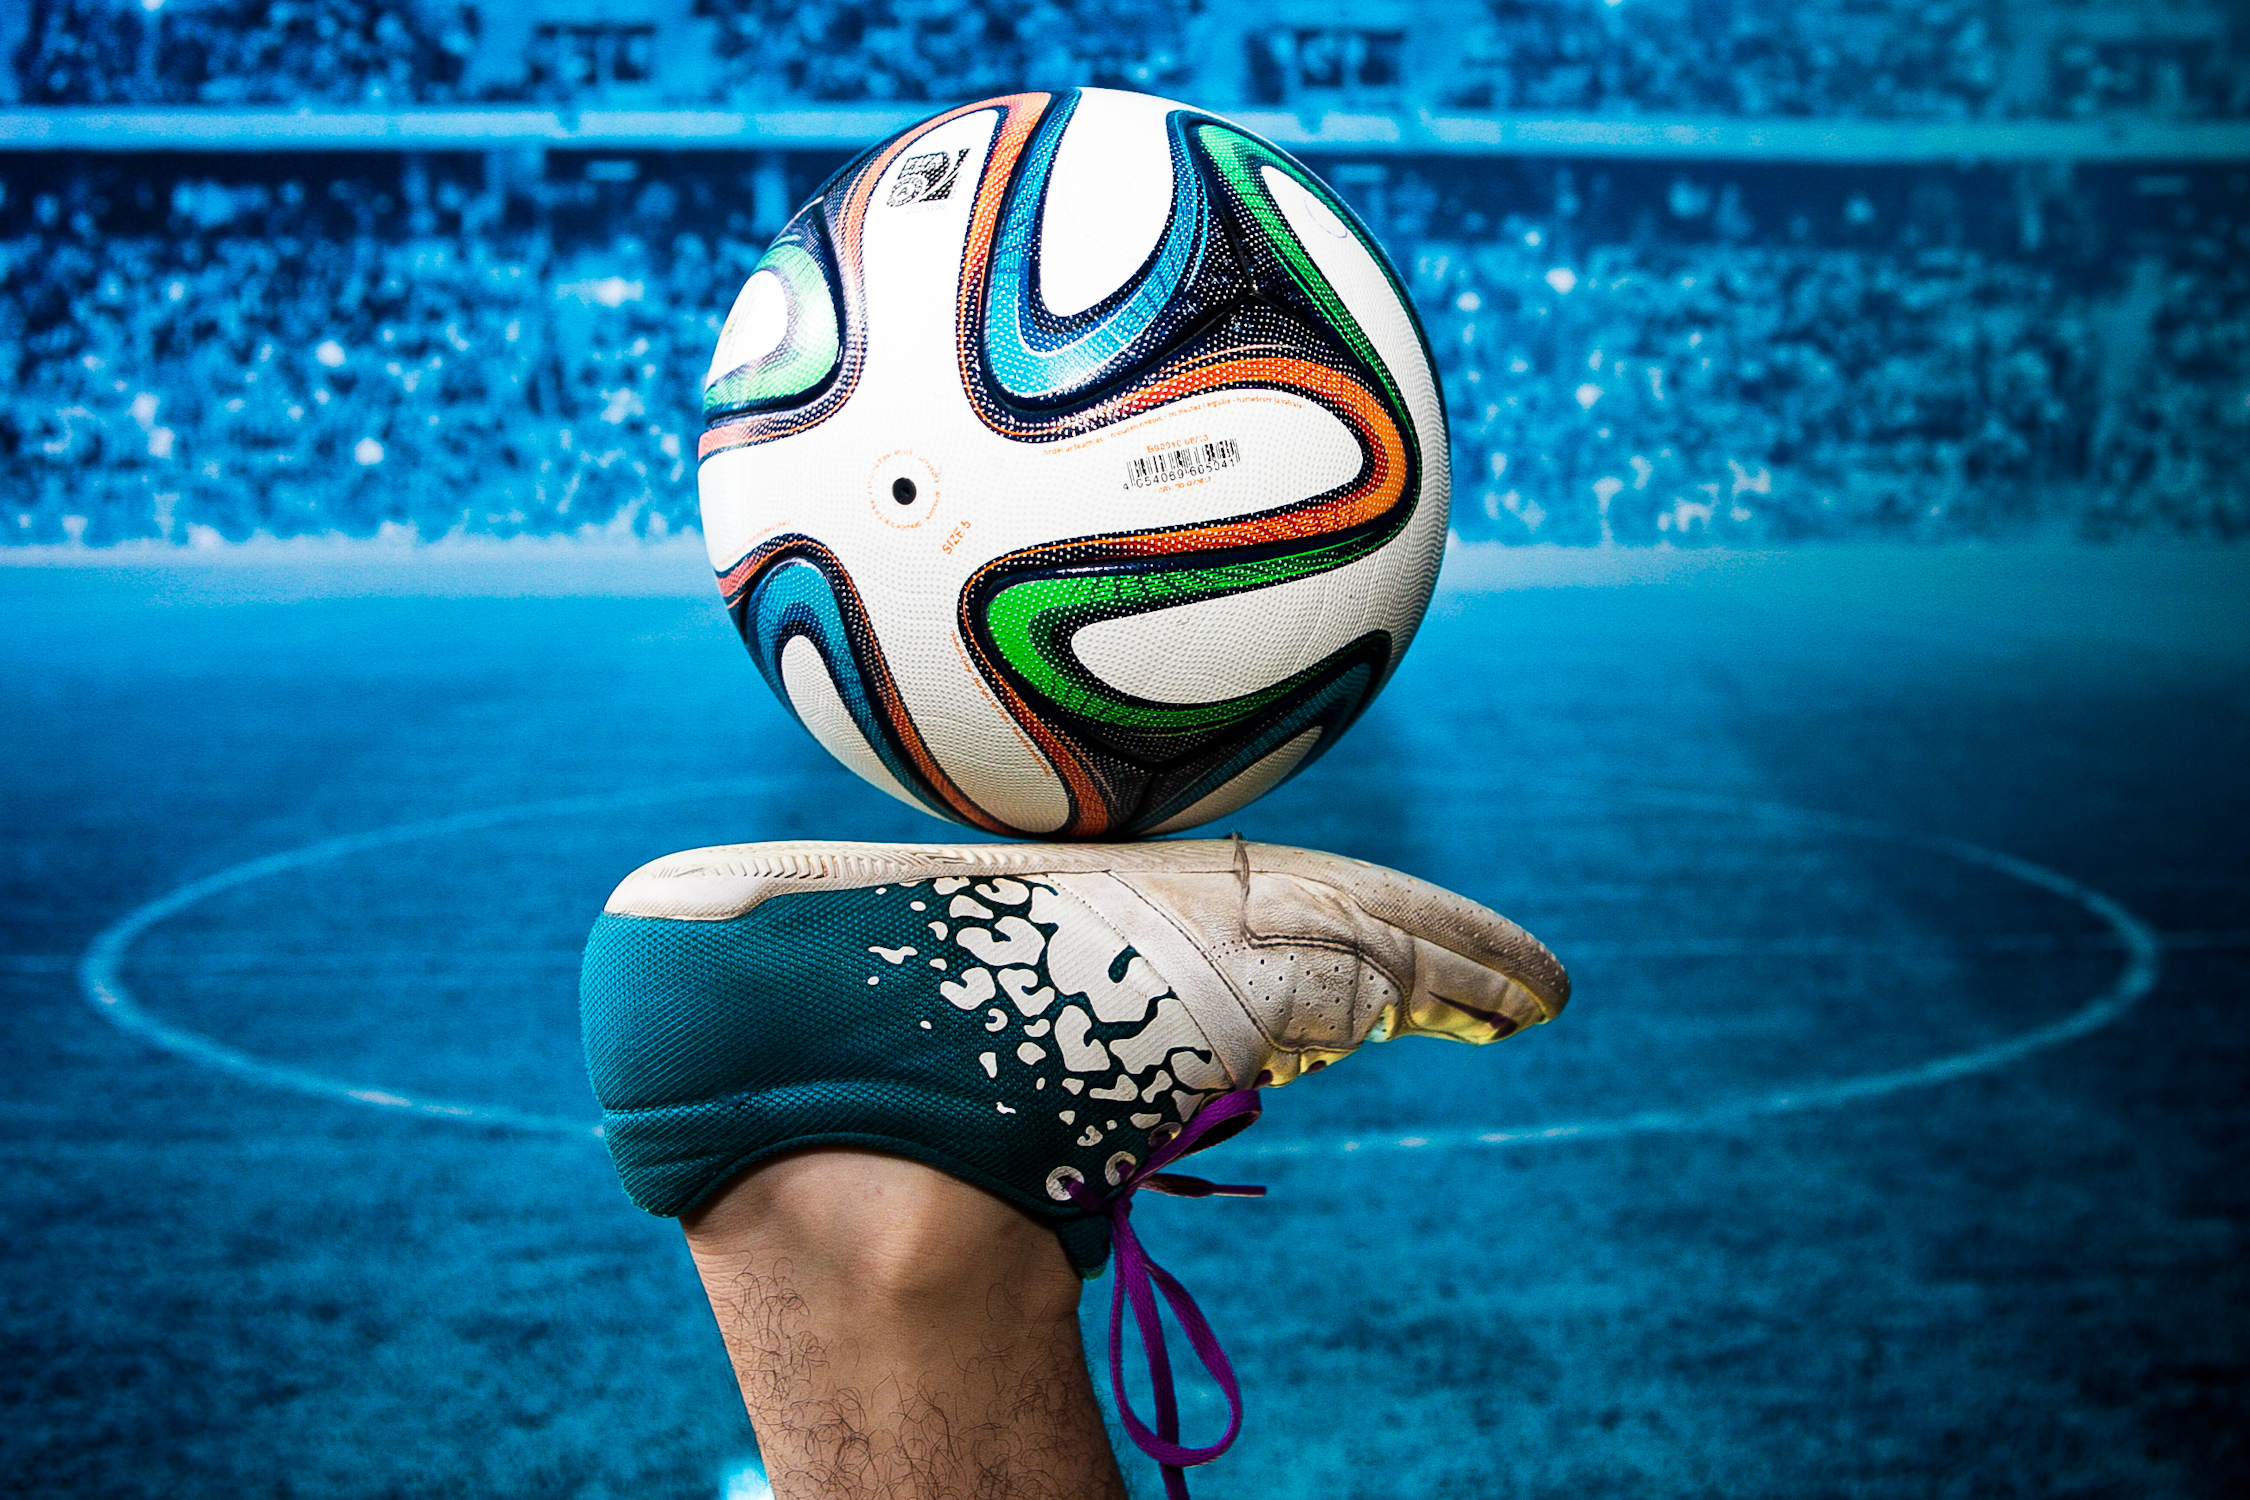 Copa Mundial Brasil 2014 - 2250x1500